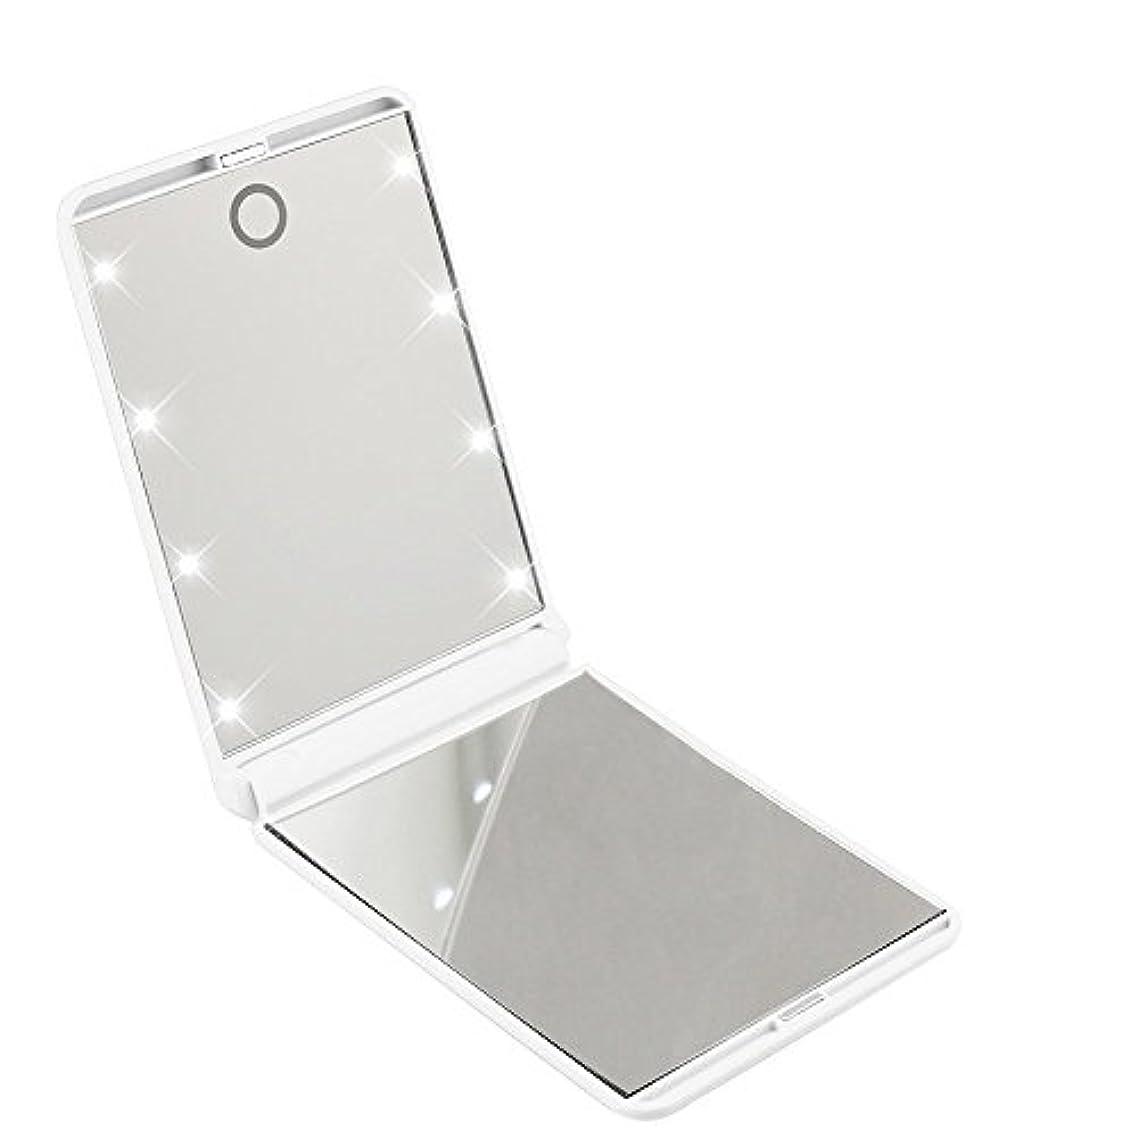 狭い答えケージled化粧鏡 二面鏡 折りたたみ式 LEDライト メイクミラー 明るさ調整 コンパクトミラー 2倍拡大鏡付 ホワイト